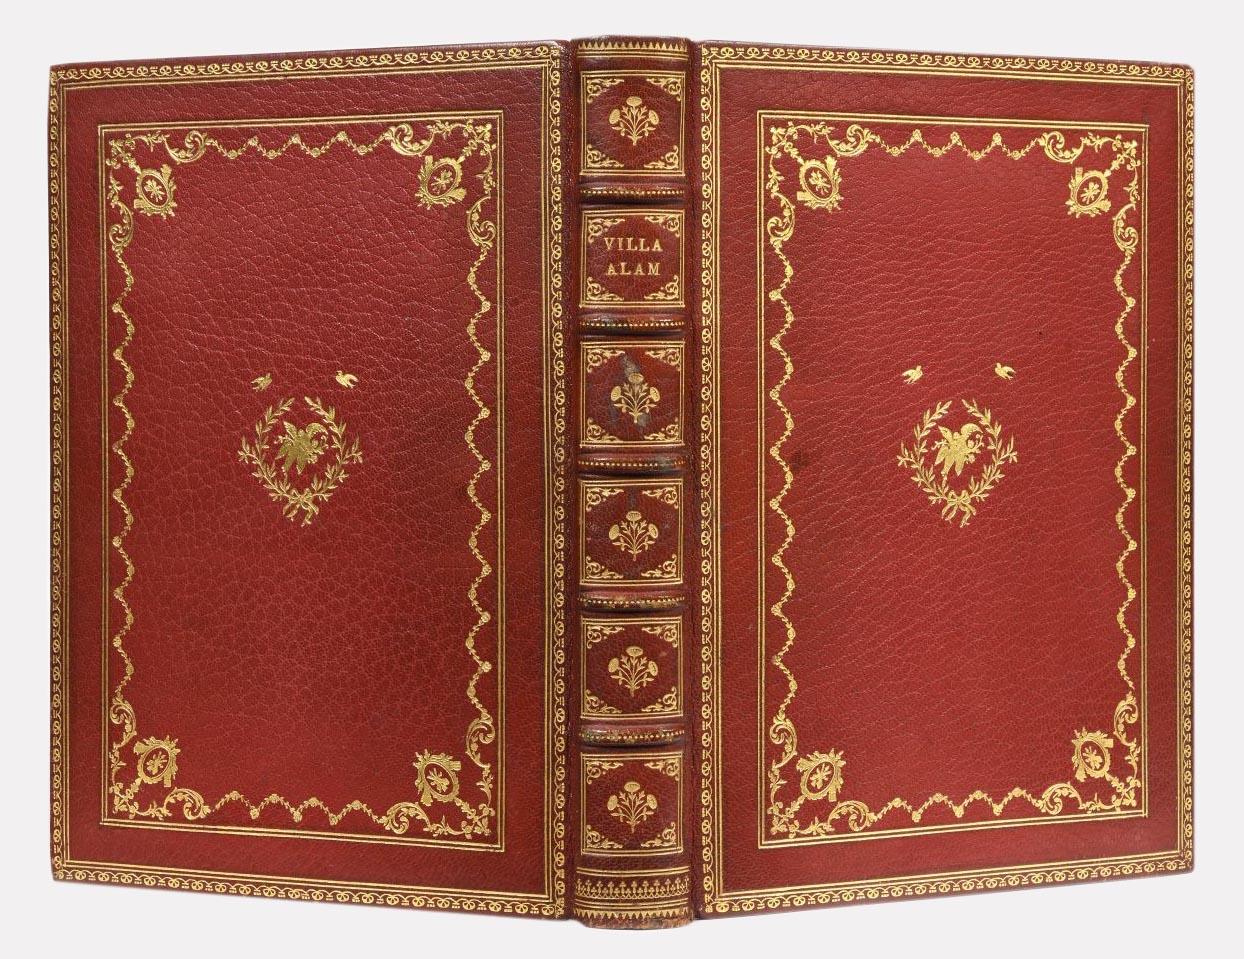 Гостевая книга Матильды Кшесинской. Фото Аукционный дом Osenat